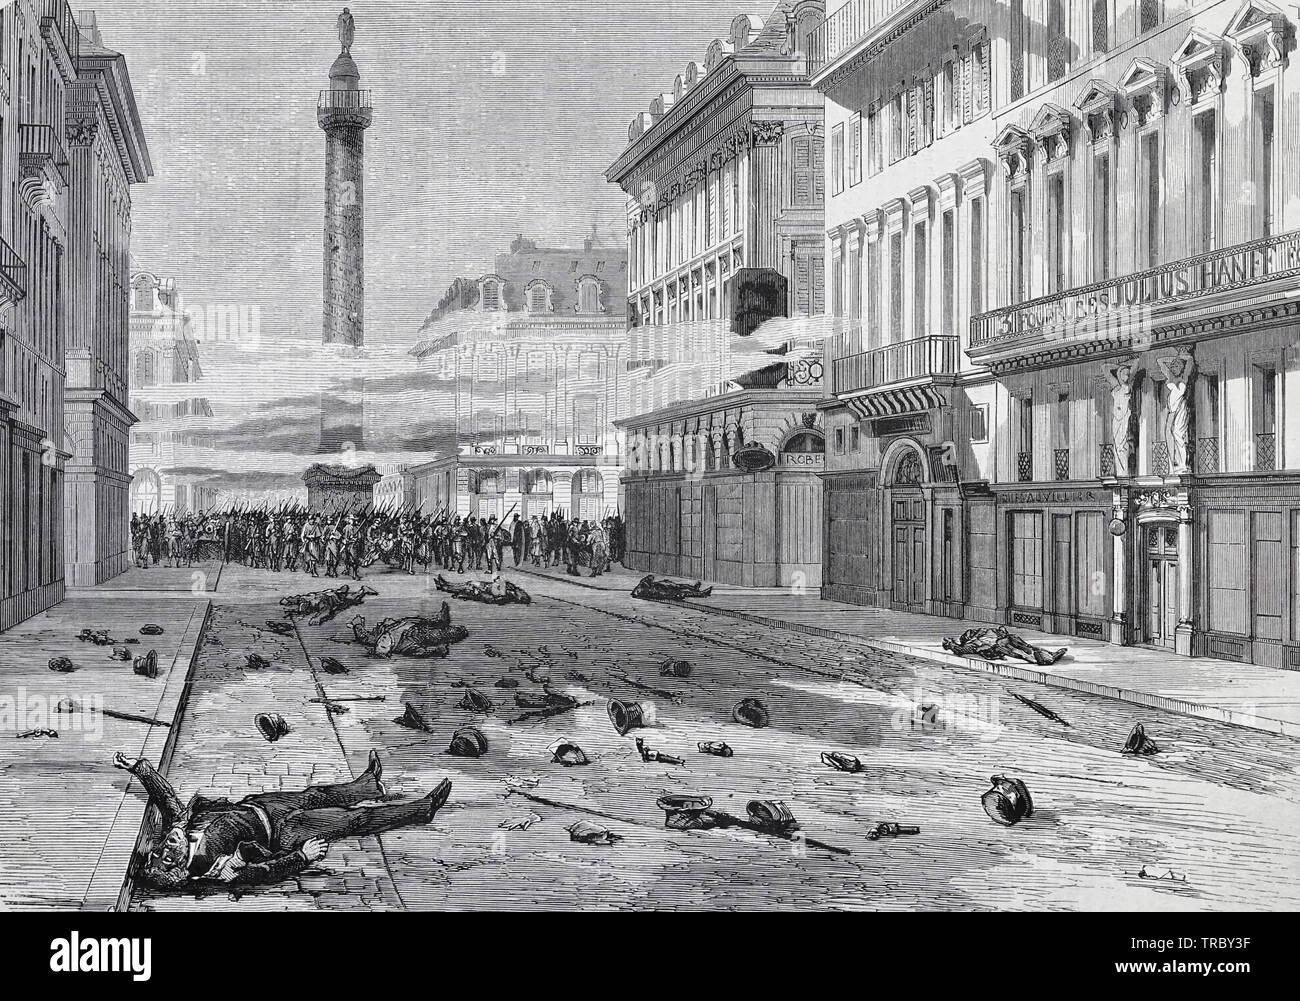 El rodaje de Place Vendôme - Aparición de la calle de la paz, después de la dispersión de la manifestación del 23 de marzo - Comuna de París, 1871 Imagen De Stock